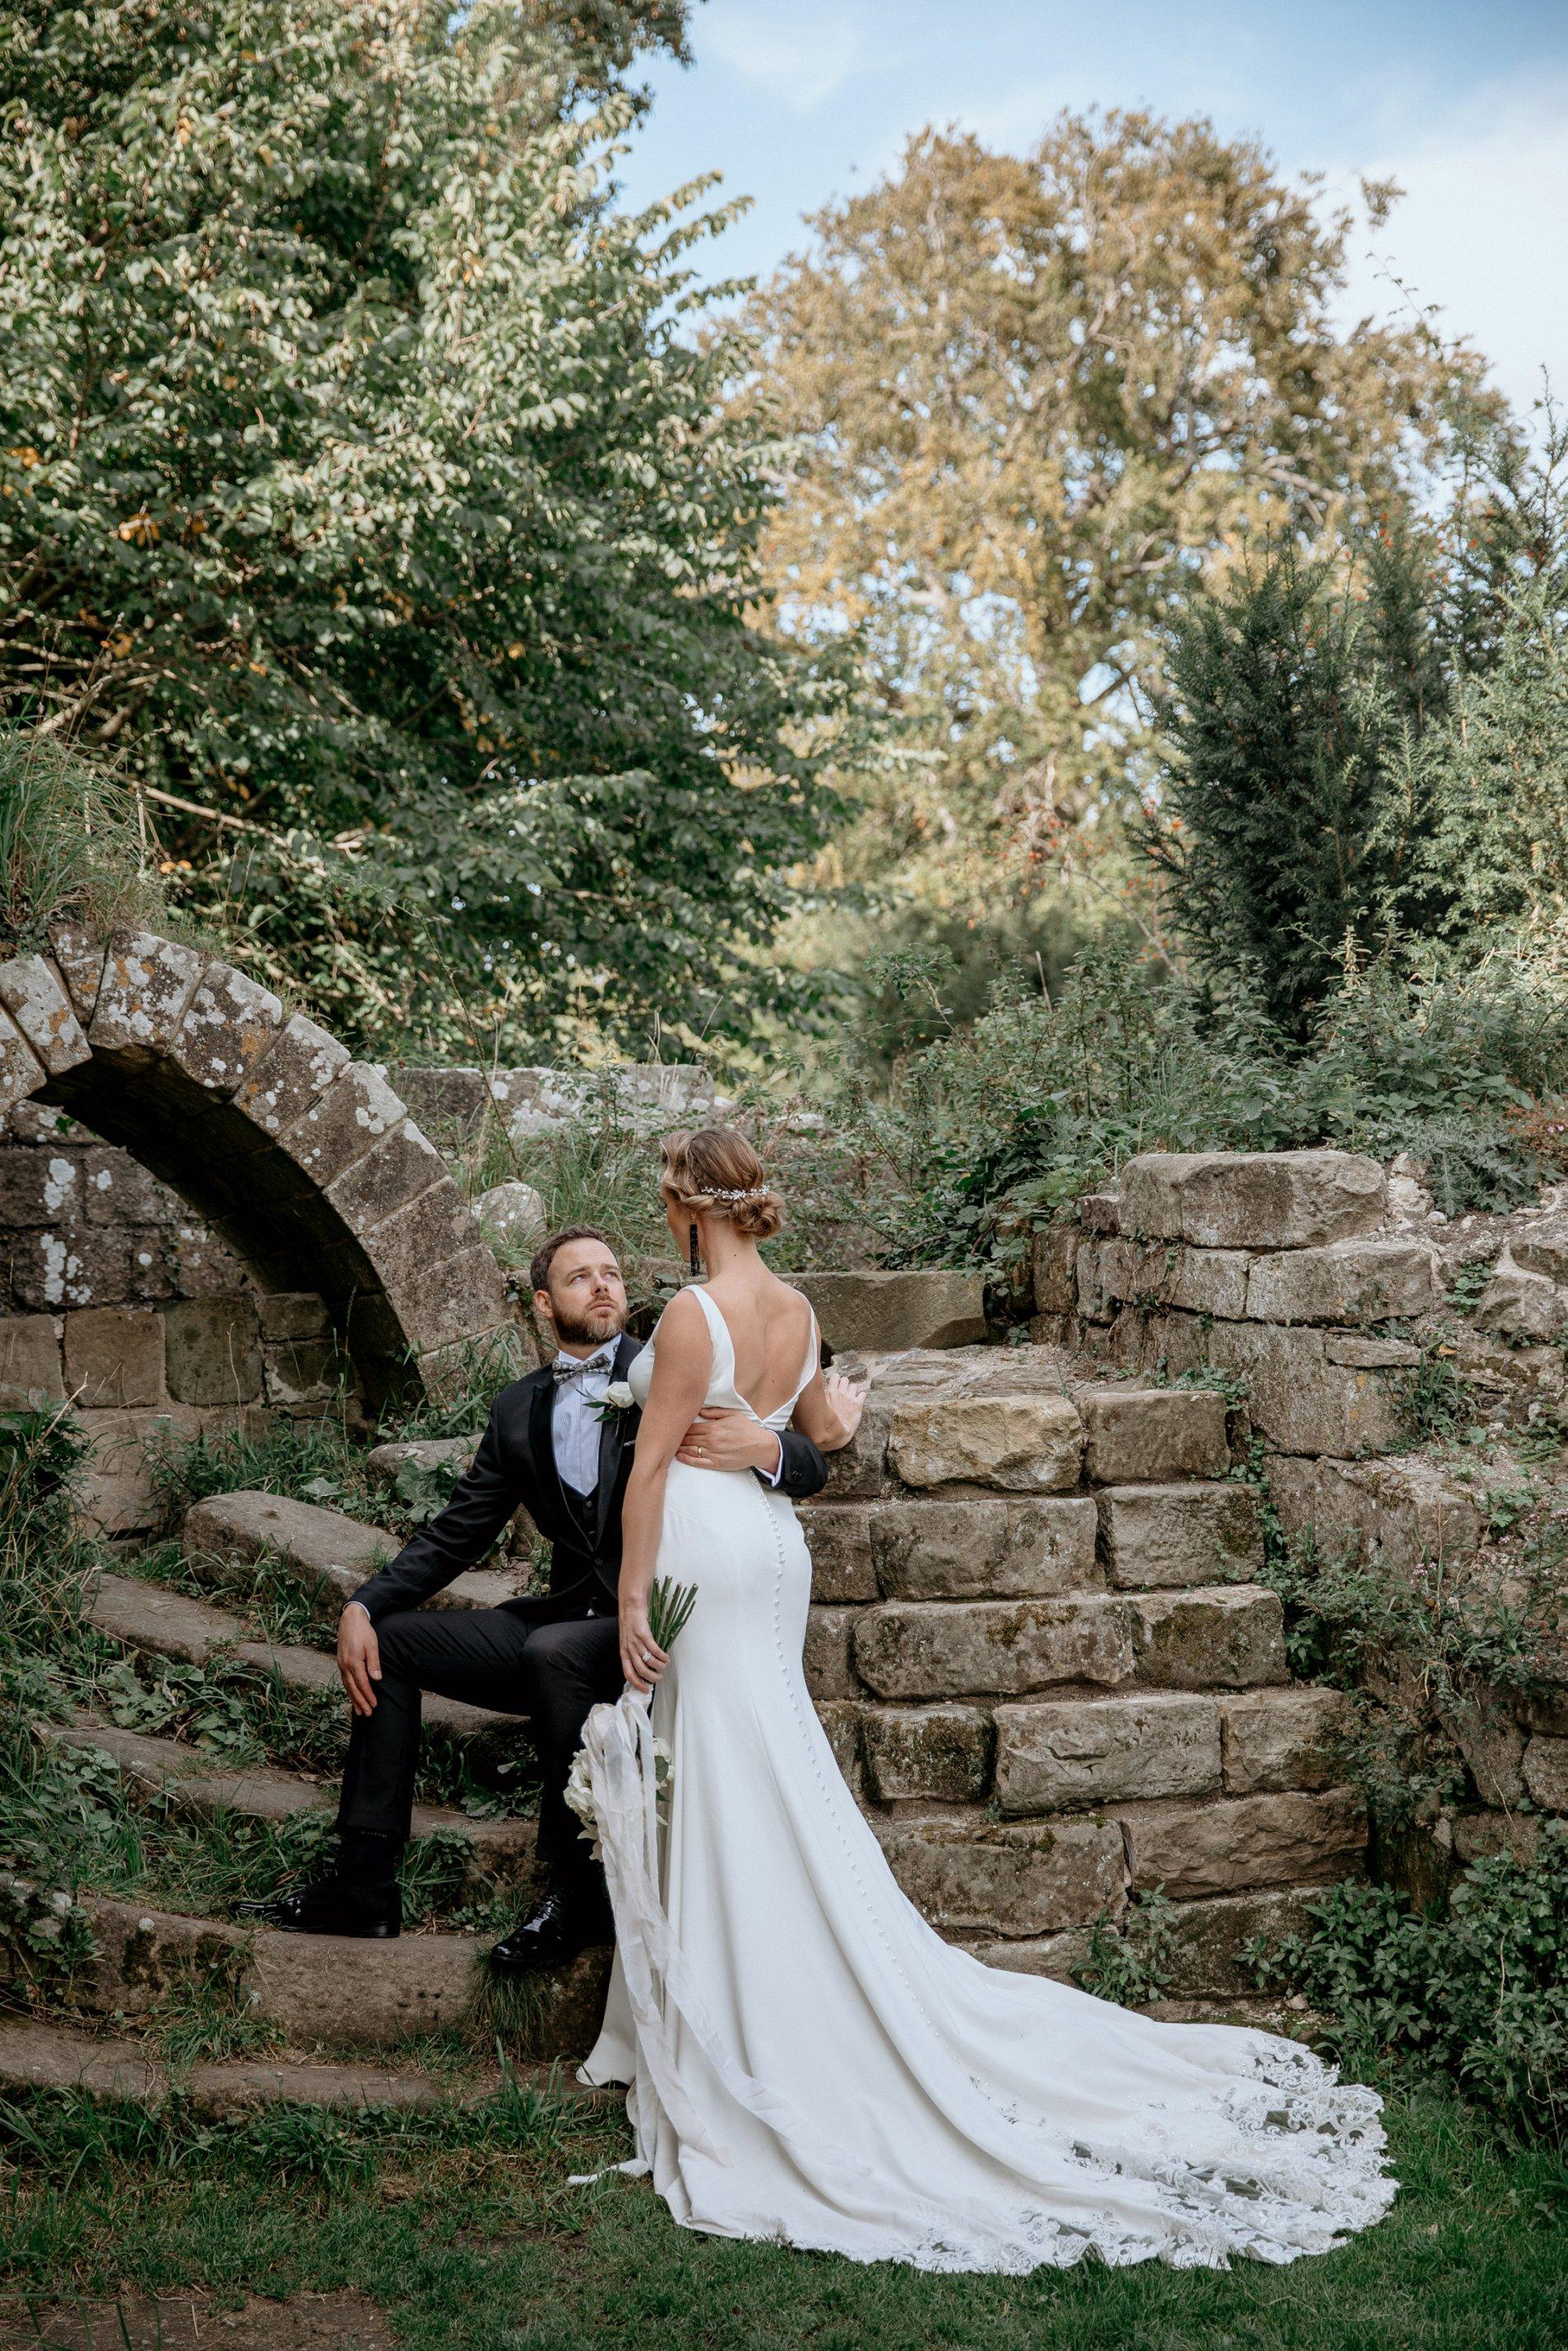 An Elegant Wedding Shoot at Jervaulx Abbey (c) Natalie Hamilton Photography (14)